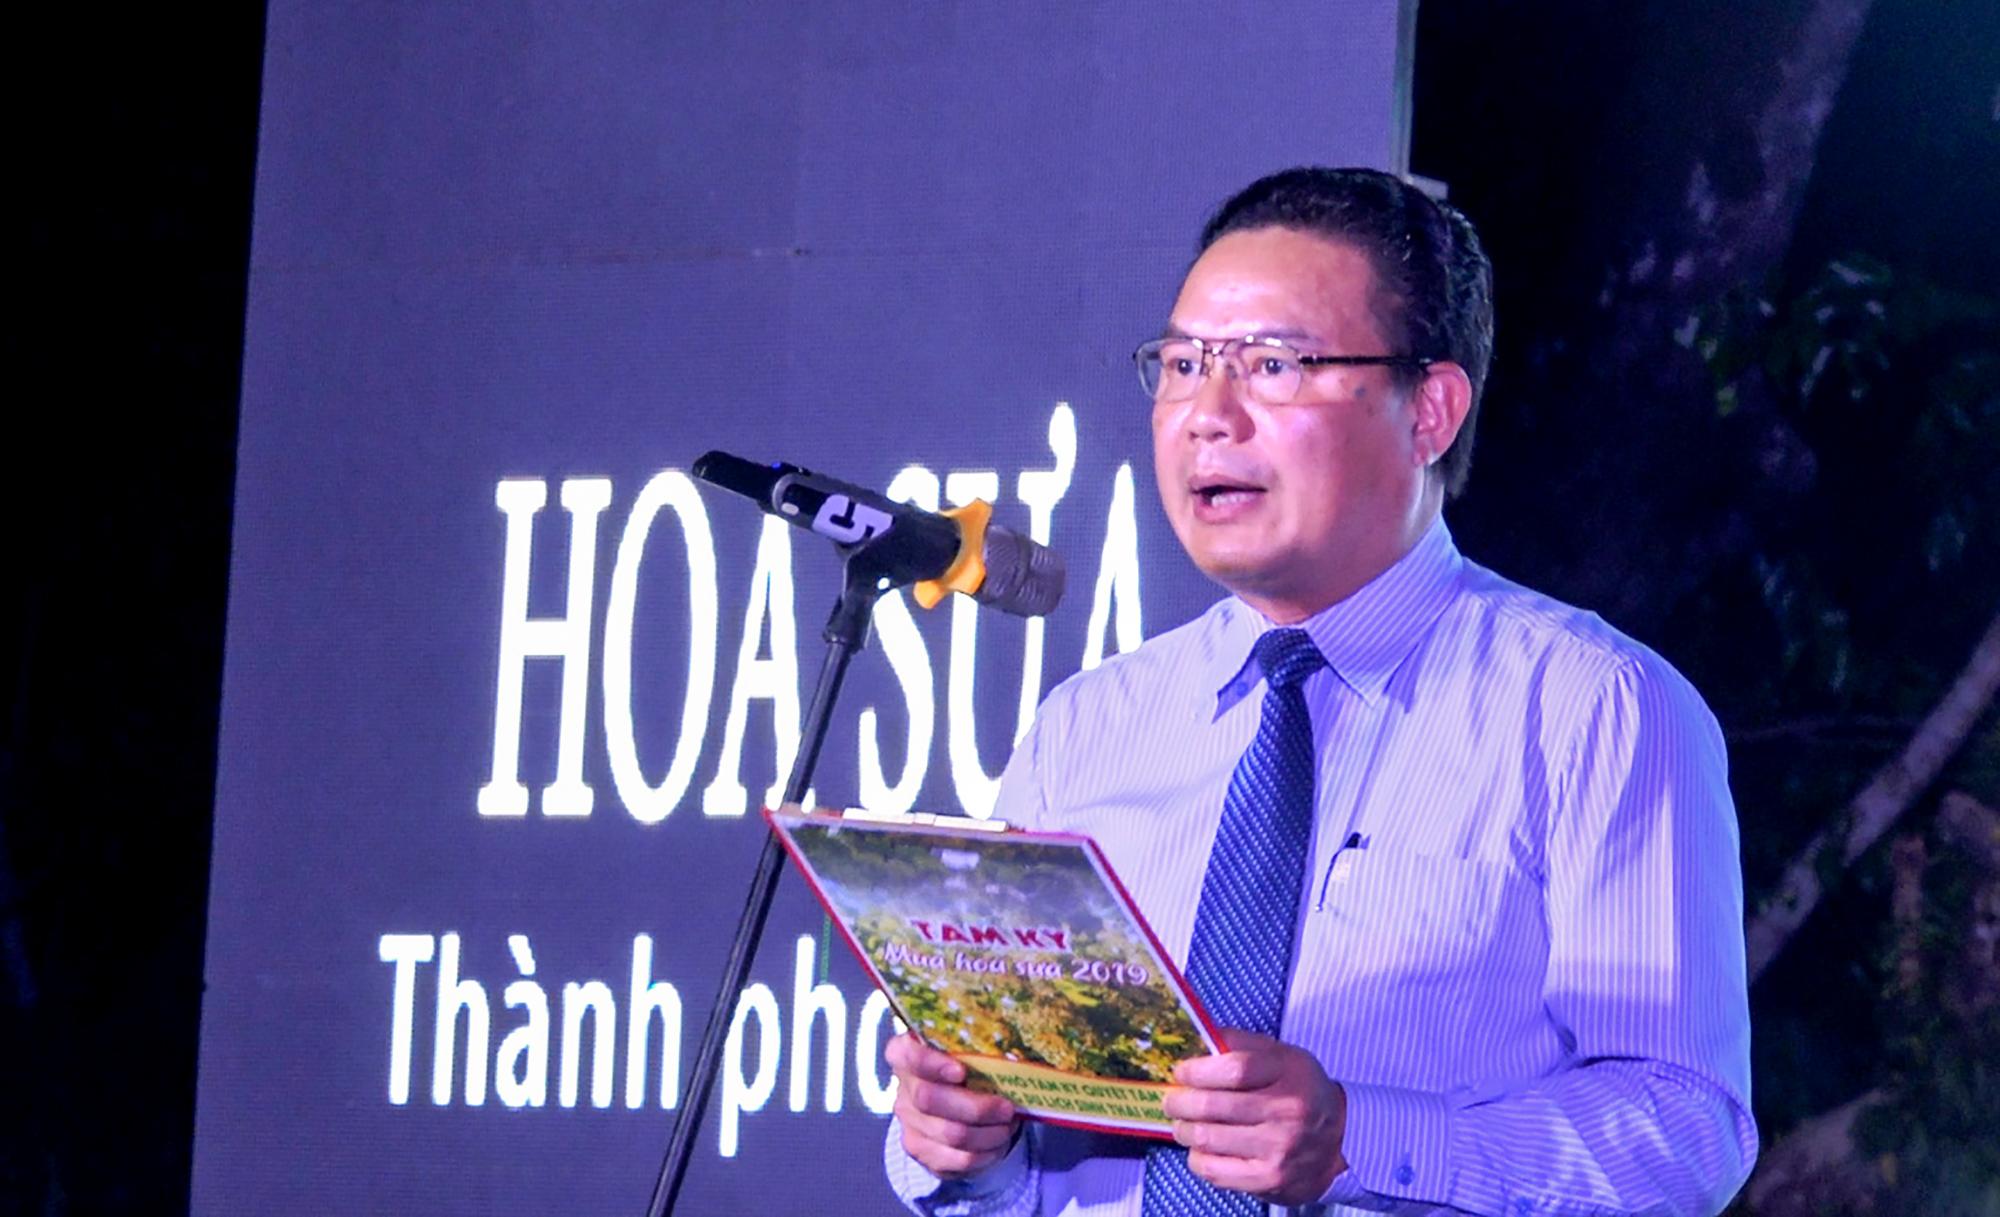 Phó Chủ tịch UBND tỉnh Lê Văn Thanh phát biểu khai mạc lễ hội. Ảnh: HỒ QUÂN